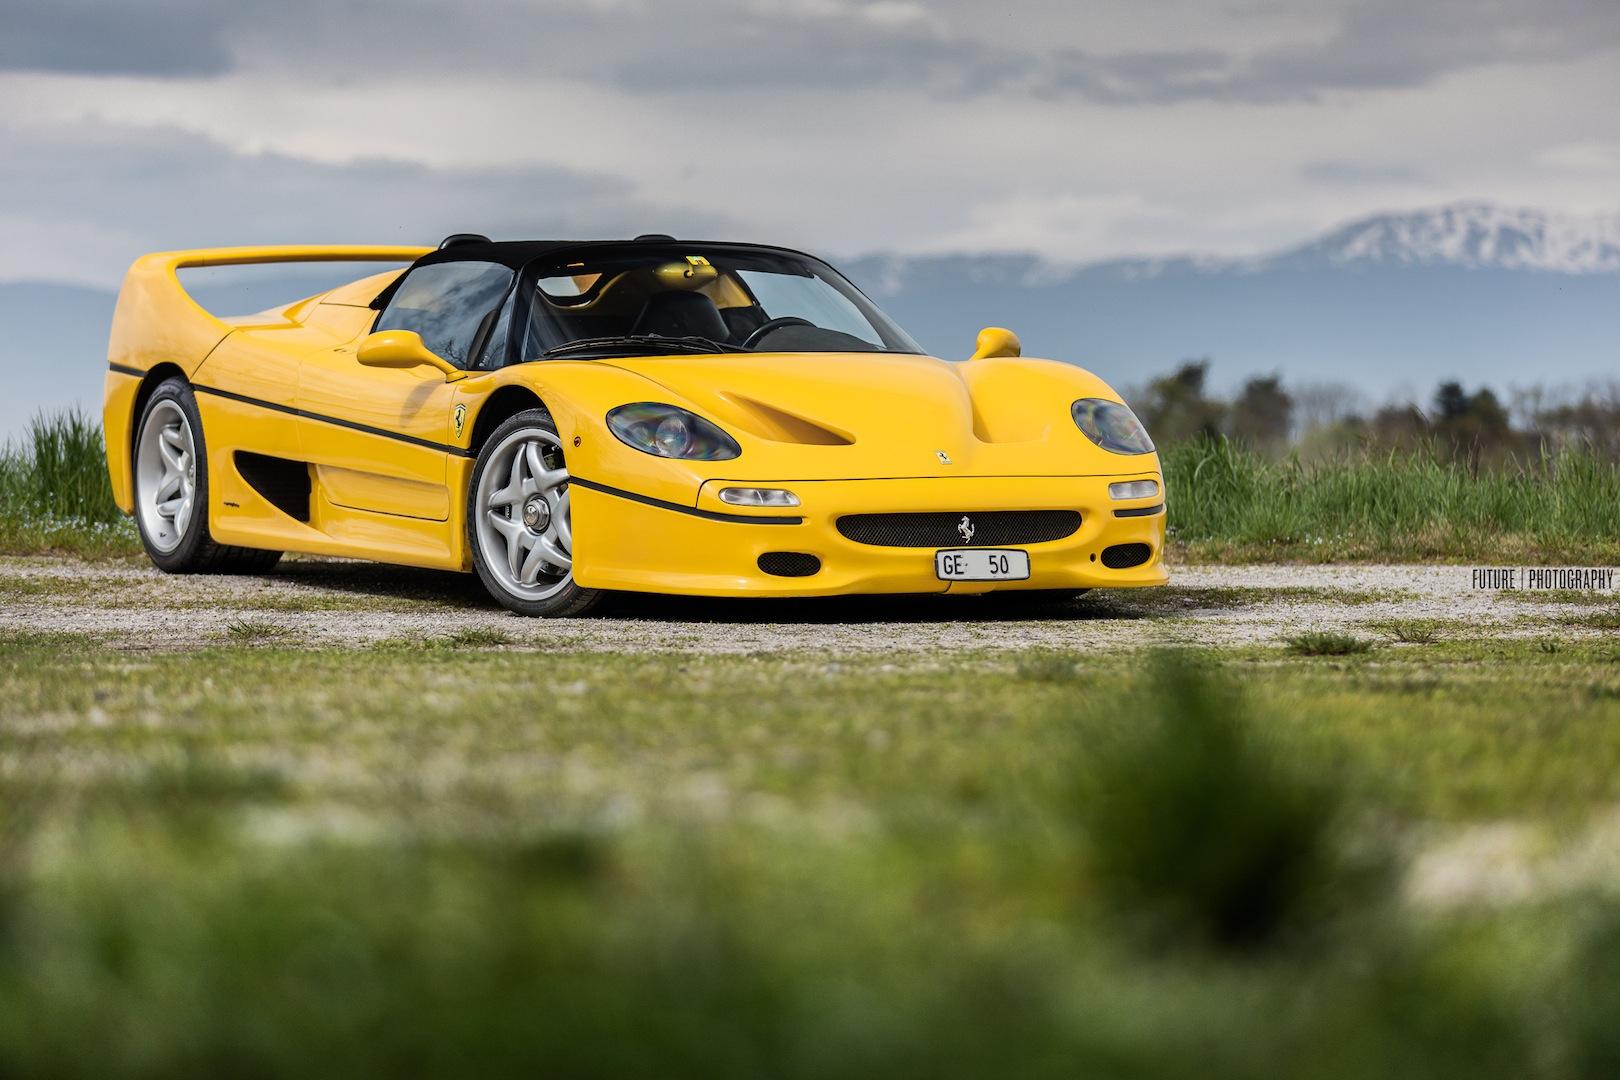 Photo Of The Day Stunning Yellow Ferrari F50 In Geneva Gtspirit